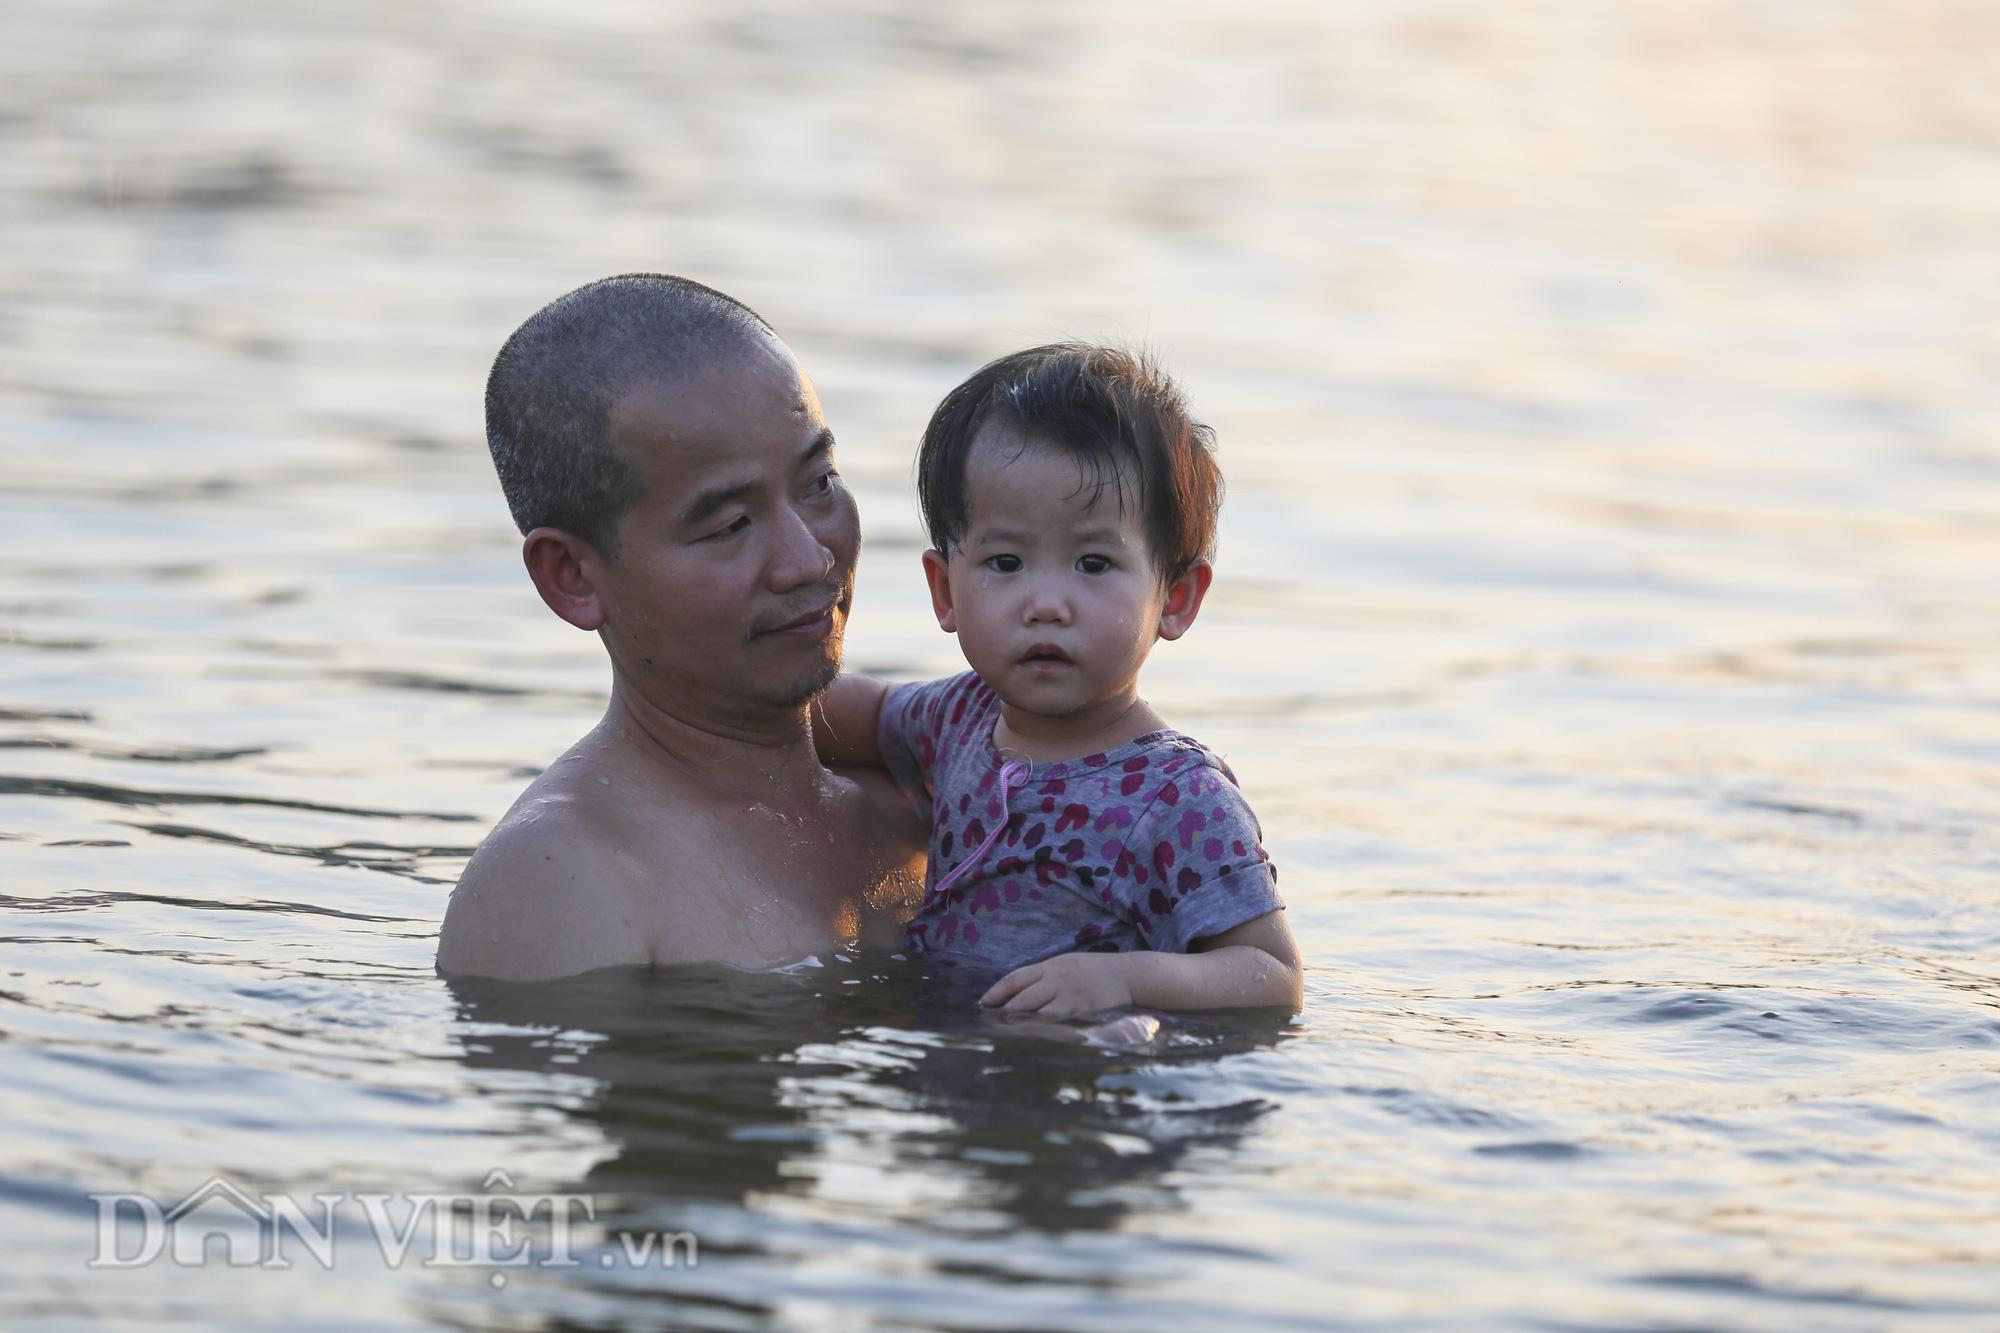 """Bất chấp cảnh báo """"nguy hiểm"""", người Hà Nội vẫn xuống hồ tắm giải nhiệt - Ảnh 4."""